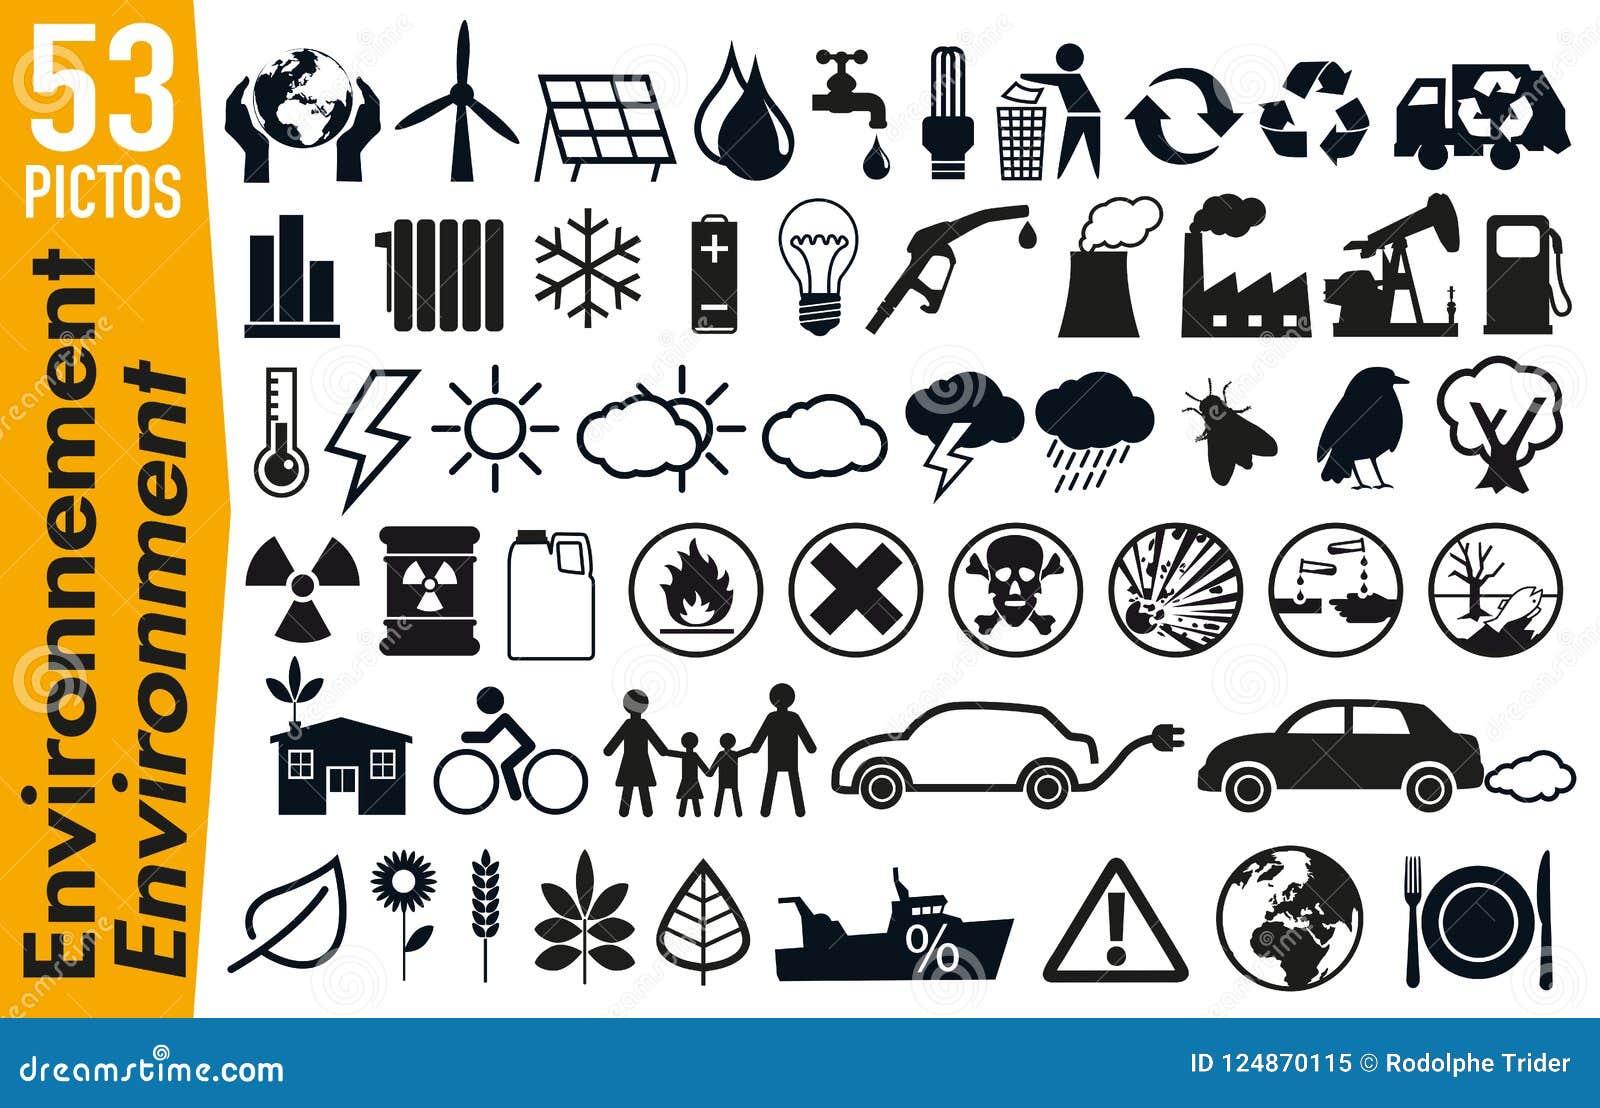 53 signage pictogrammen op het milieu en de ecologie